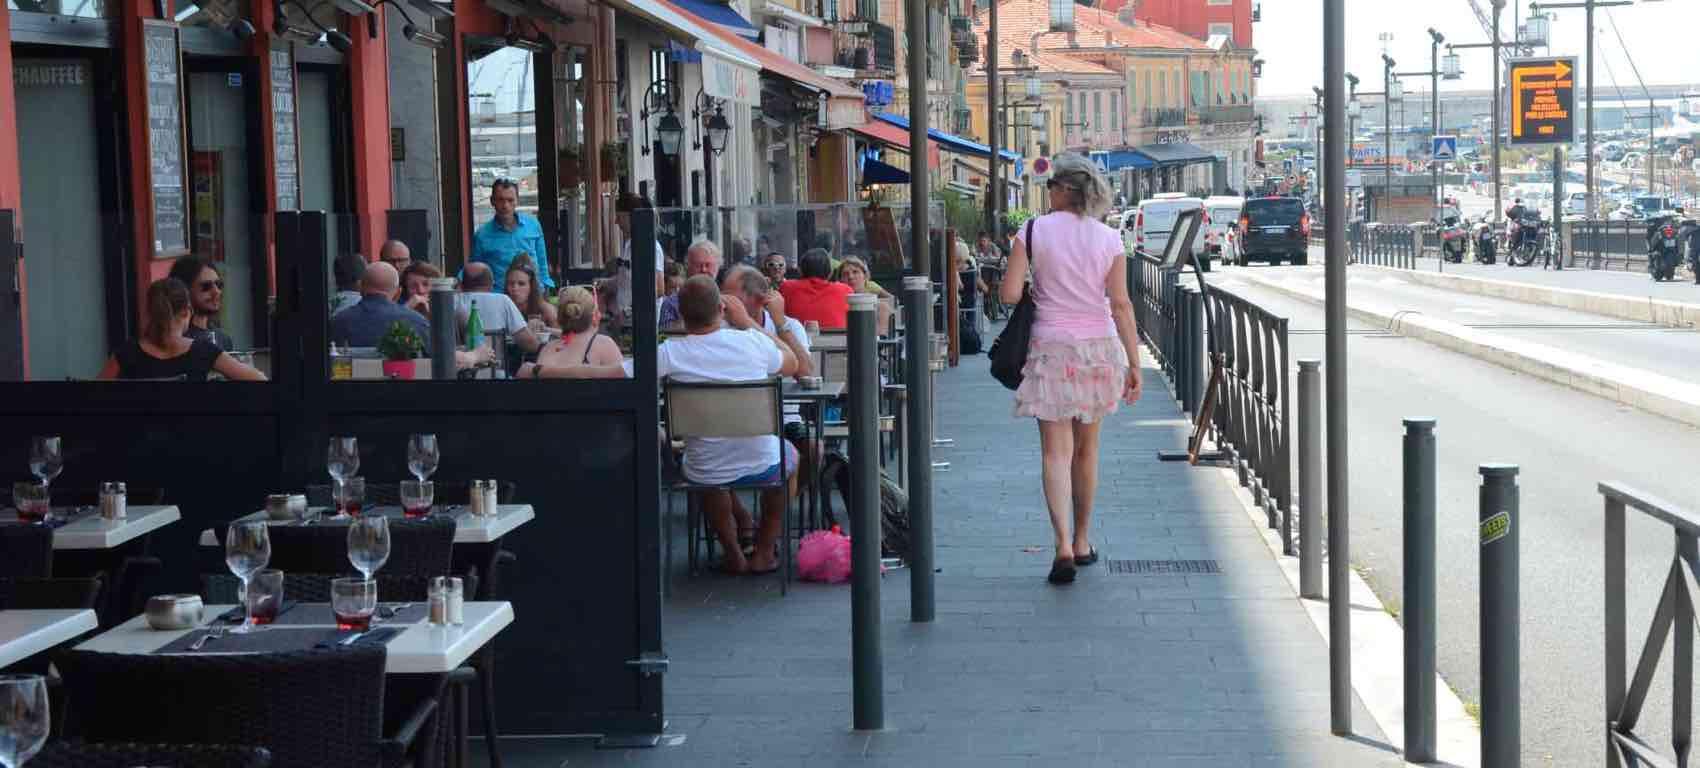 Nice havn ligger øst i byen - med mange restauranter og ikke så posh som nabobyen Cannes.